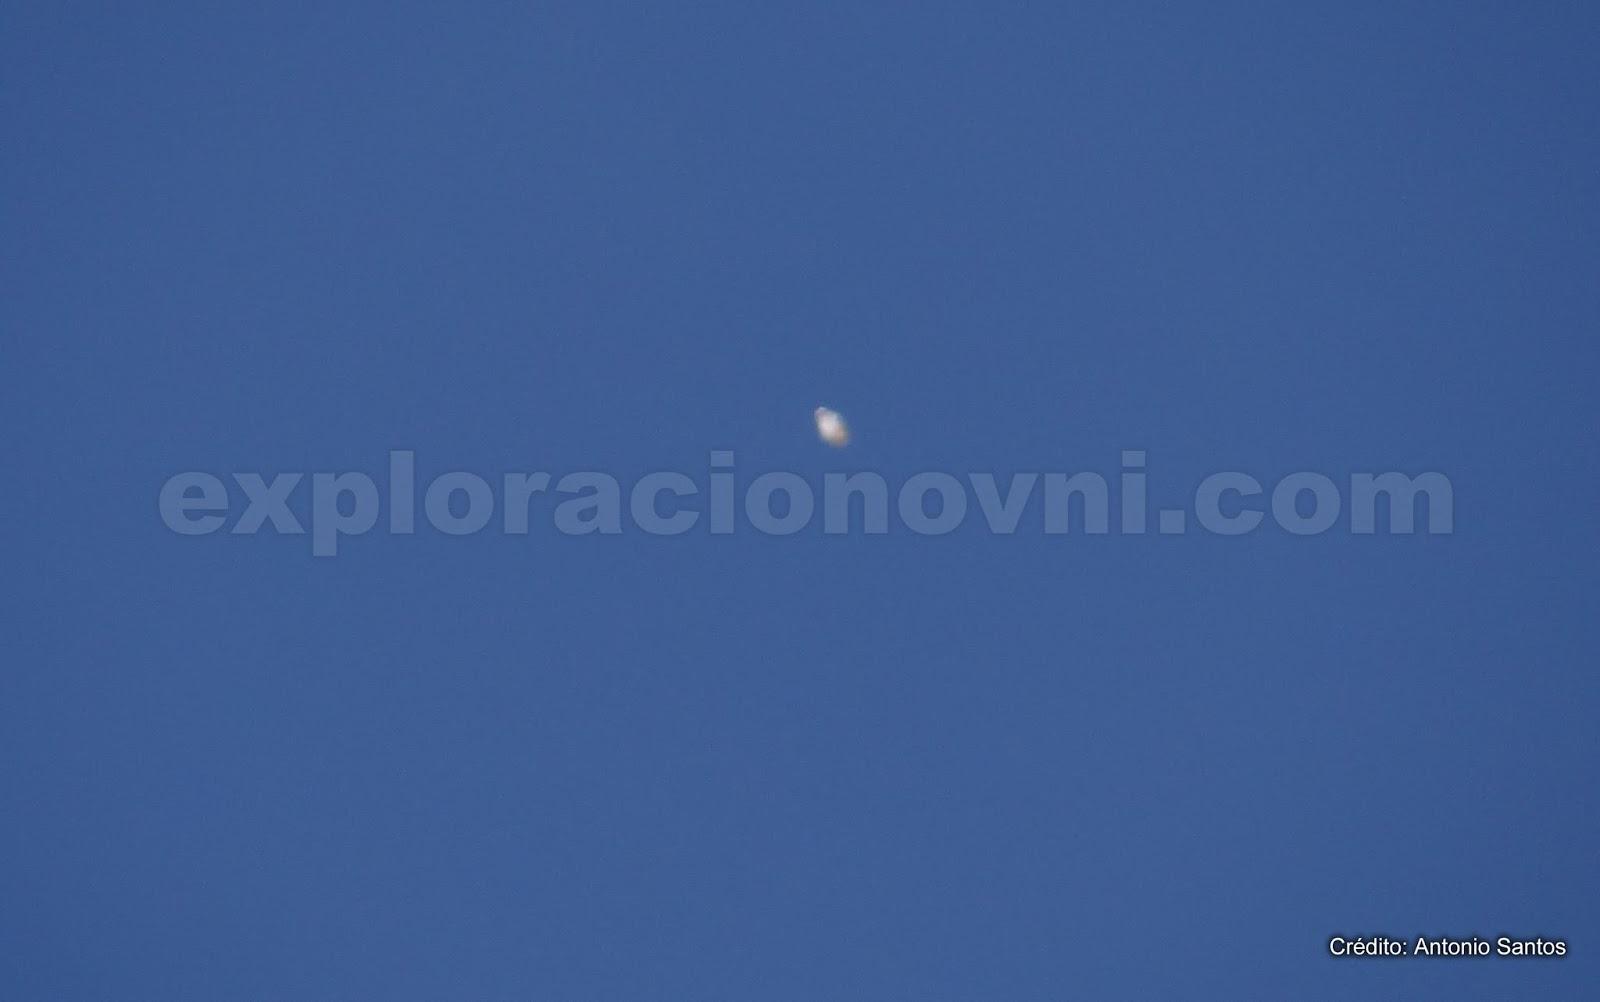 Fotografía enviada que muestra anomalía en el cielo de San Juan, Argentina. Crédito: Antonio Santos.